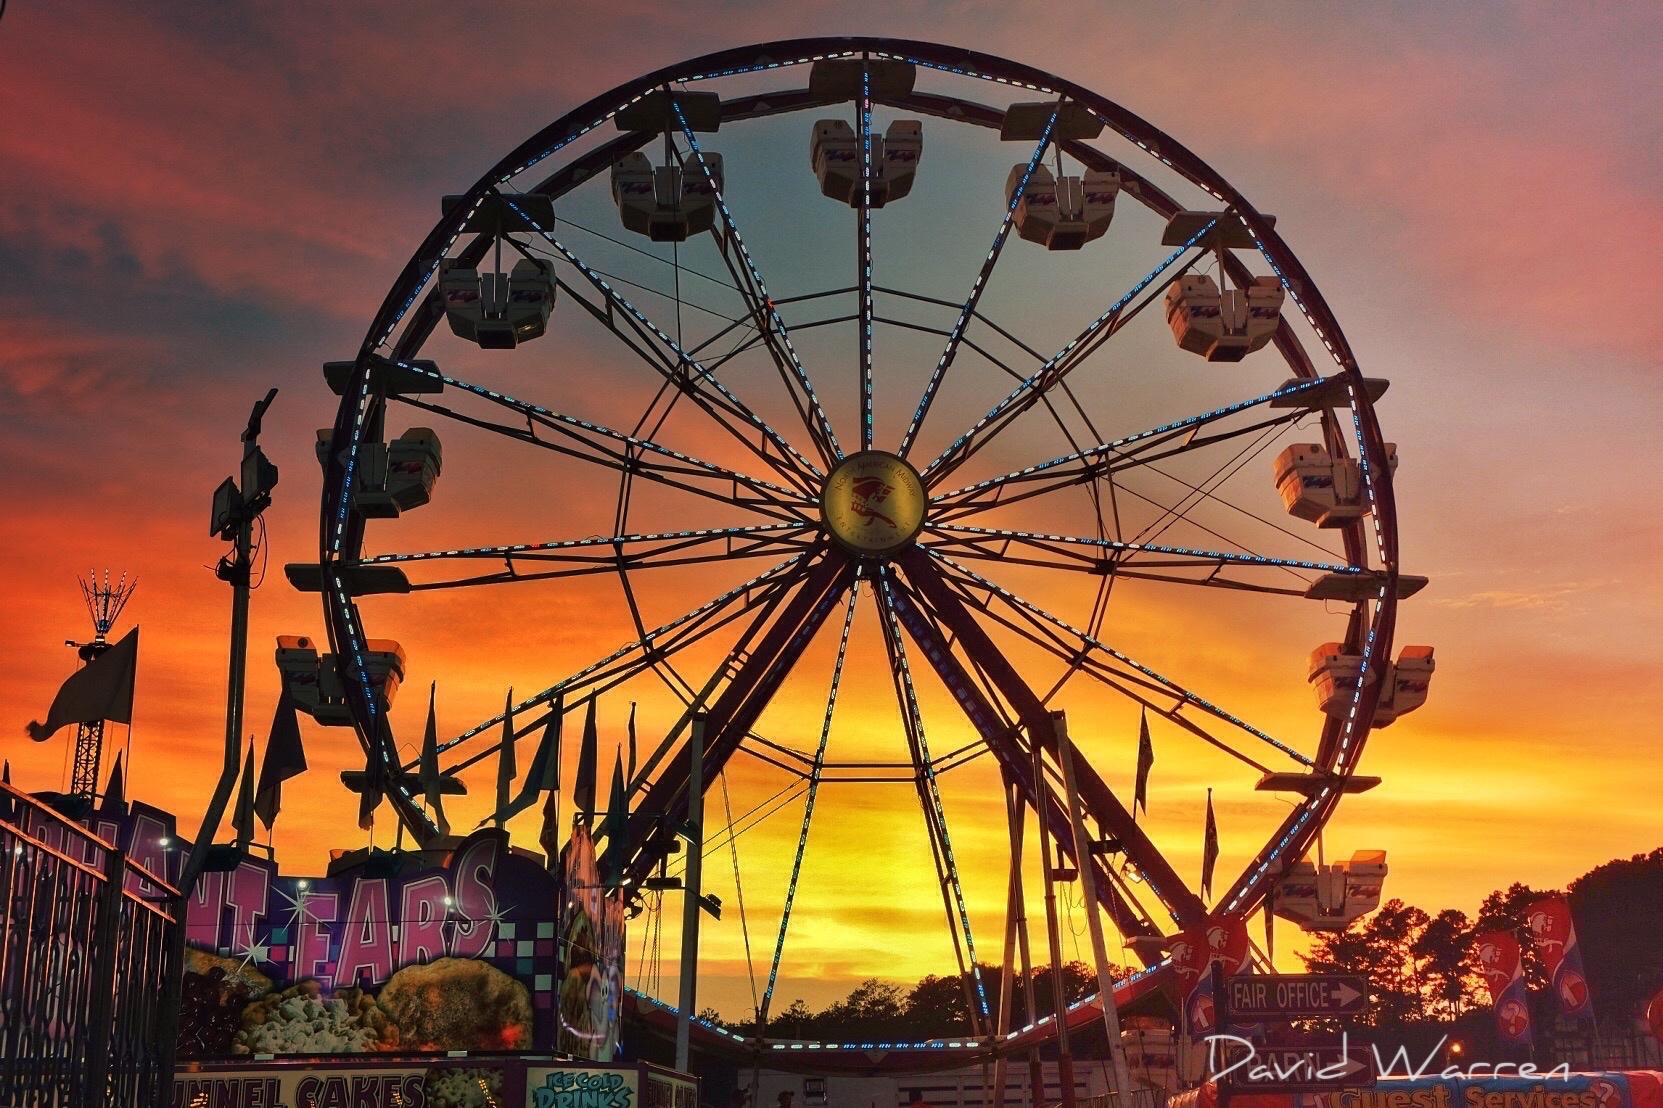 Cullman County Fair